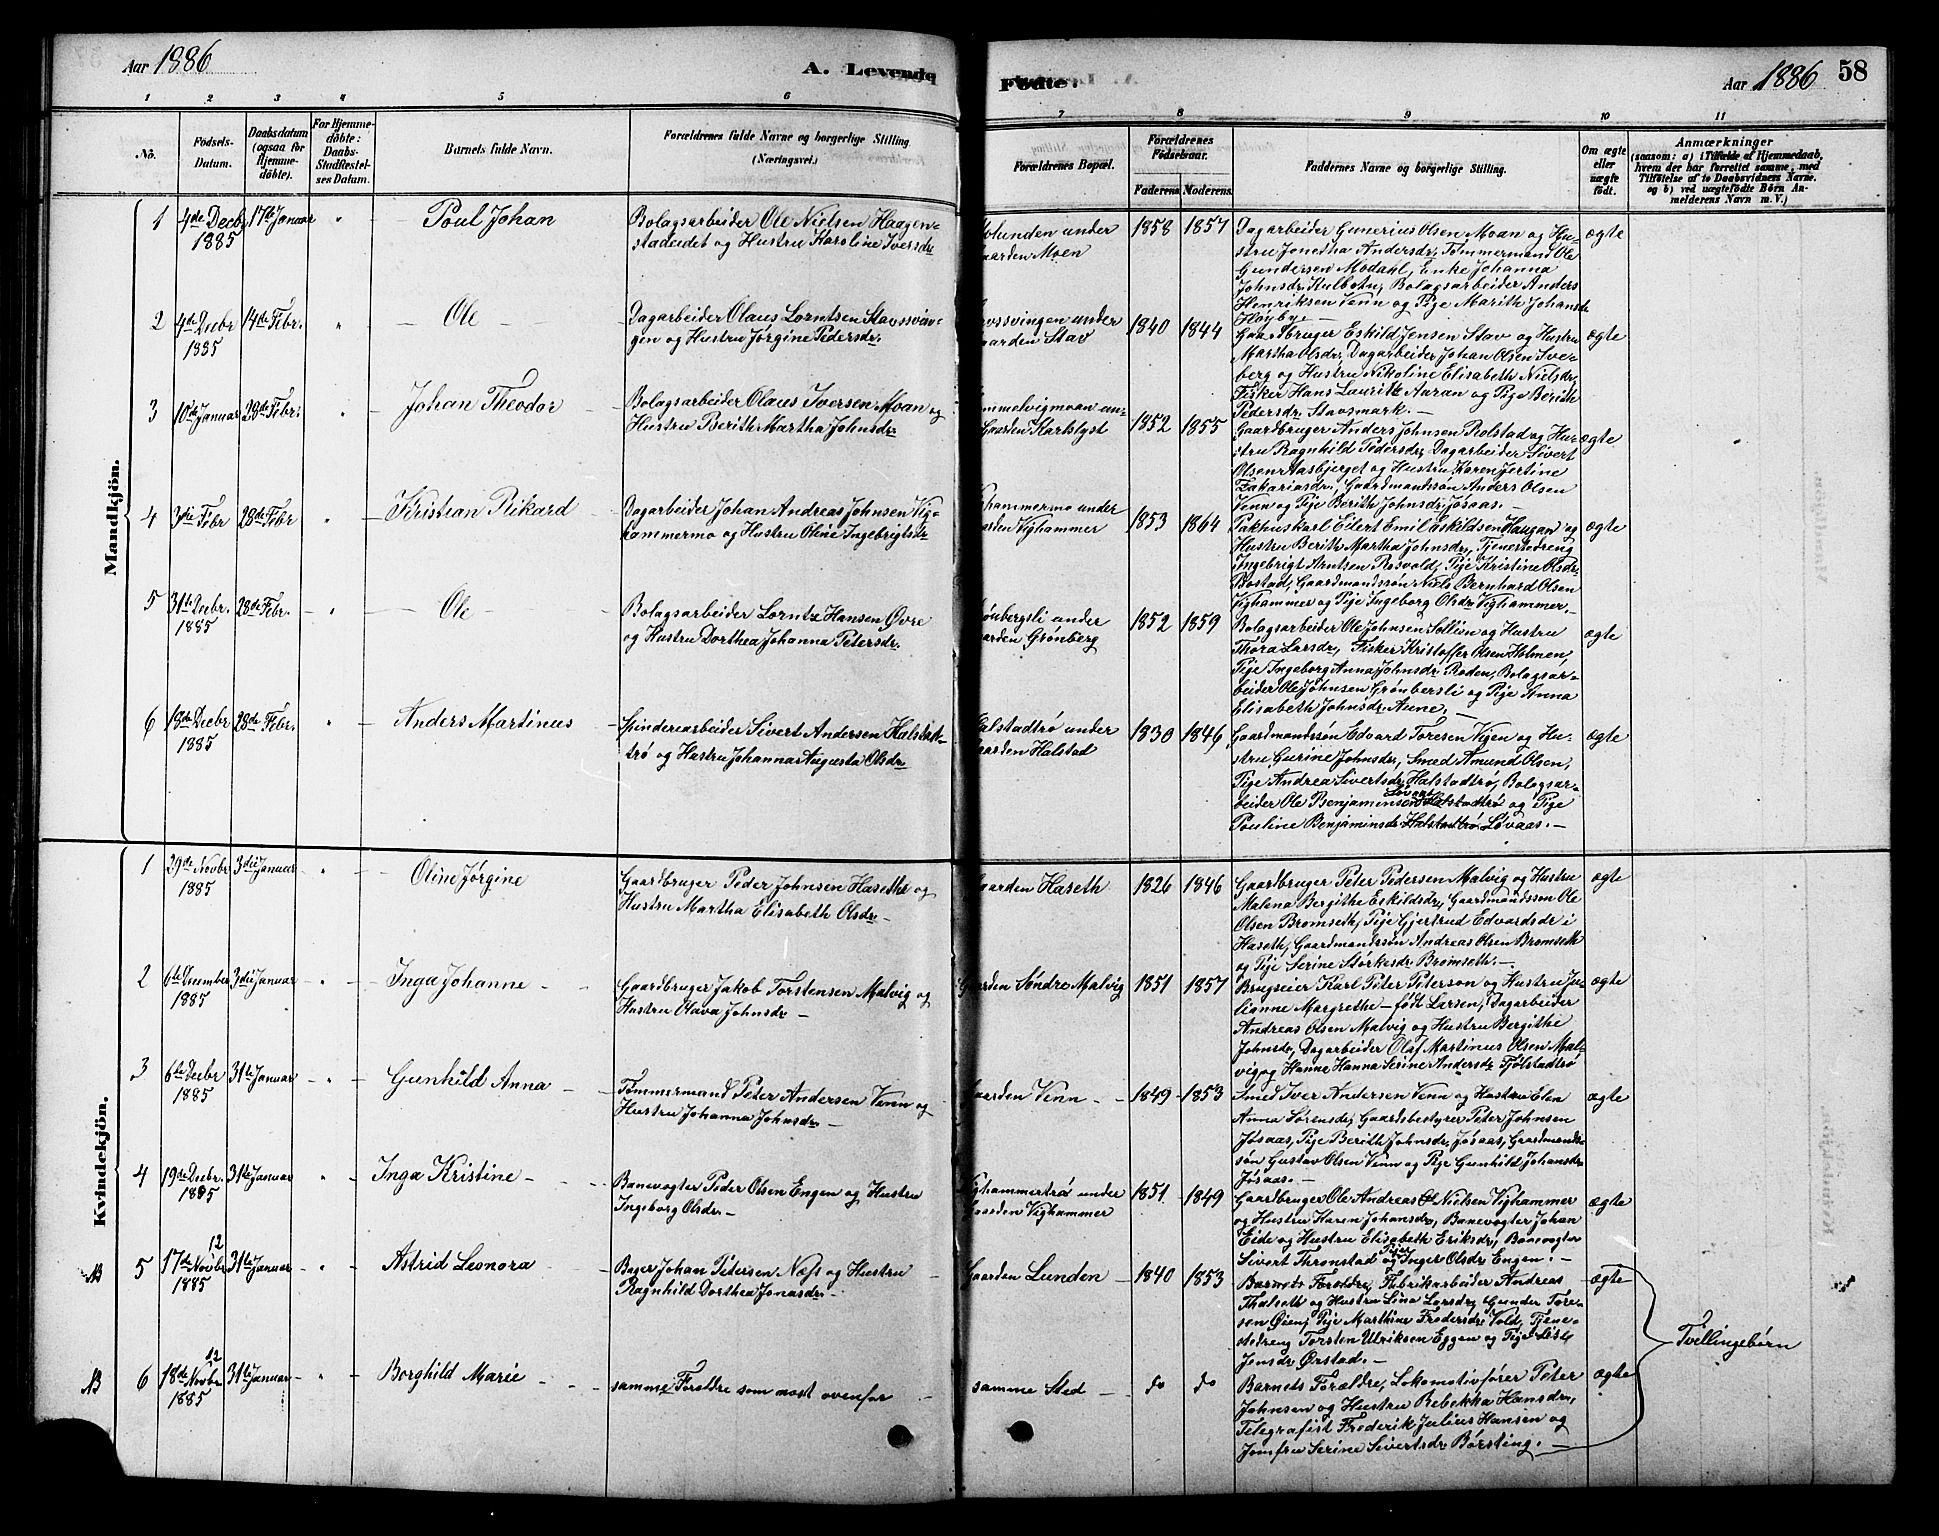 SAT, Ministerialprotokoller, klokkerbøker og fødselsregistre - Sør-Trøndelag, 616/L0423: Klokkerbok nr. 616C06, 1878-1903, s. 58